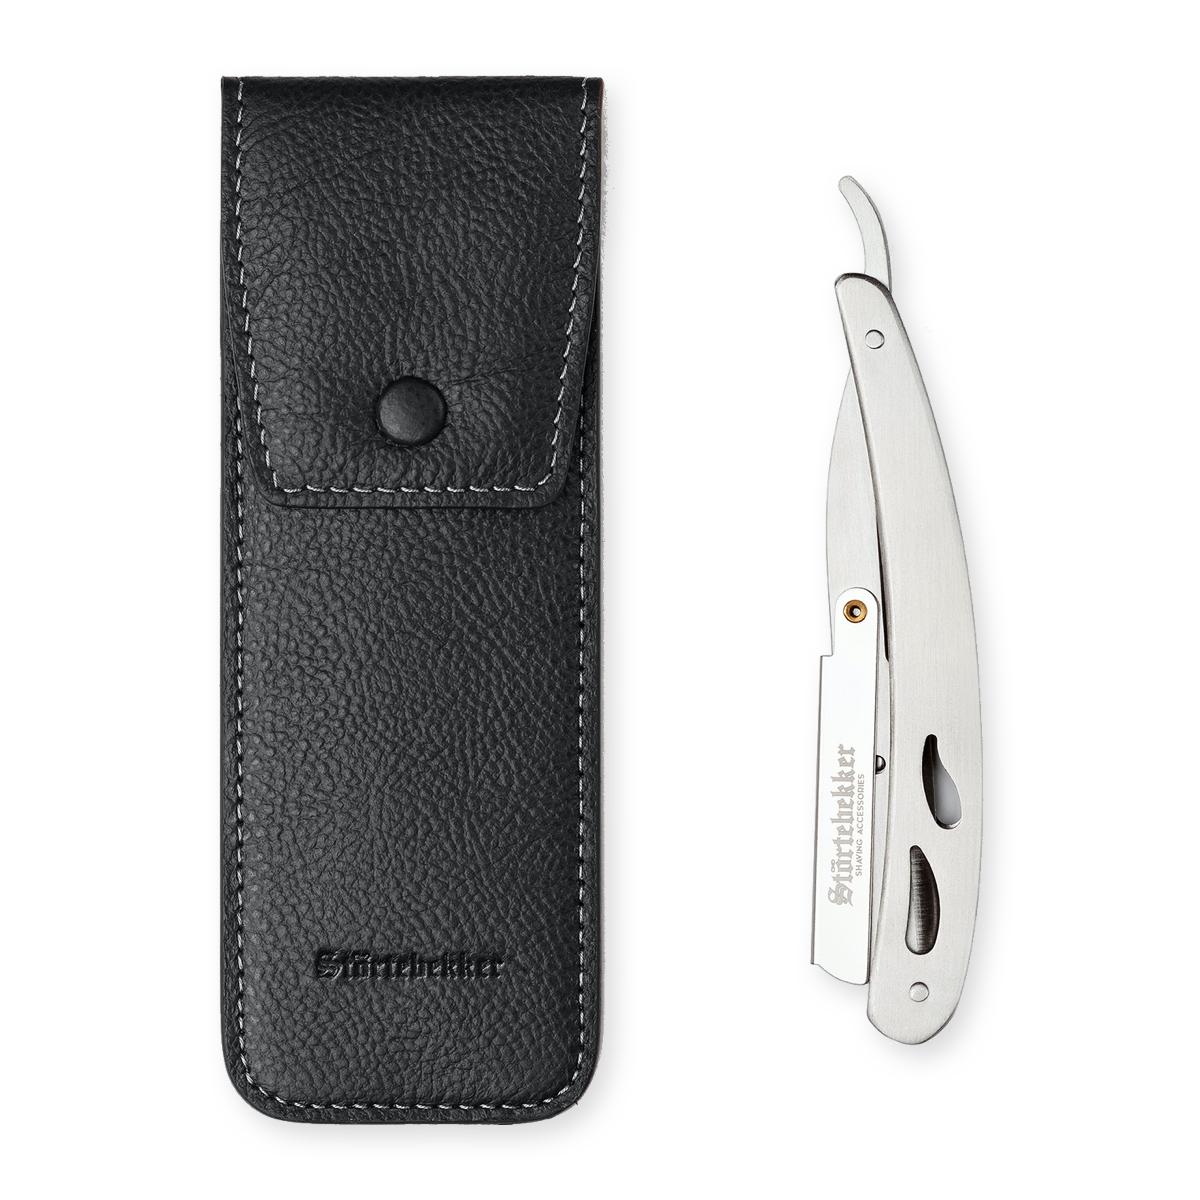 Rasiermesser Silber mit Wechselklinge / Shavette / Störtebekker Shaving Accessories